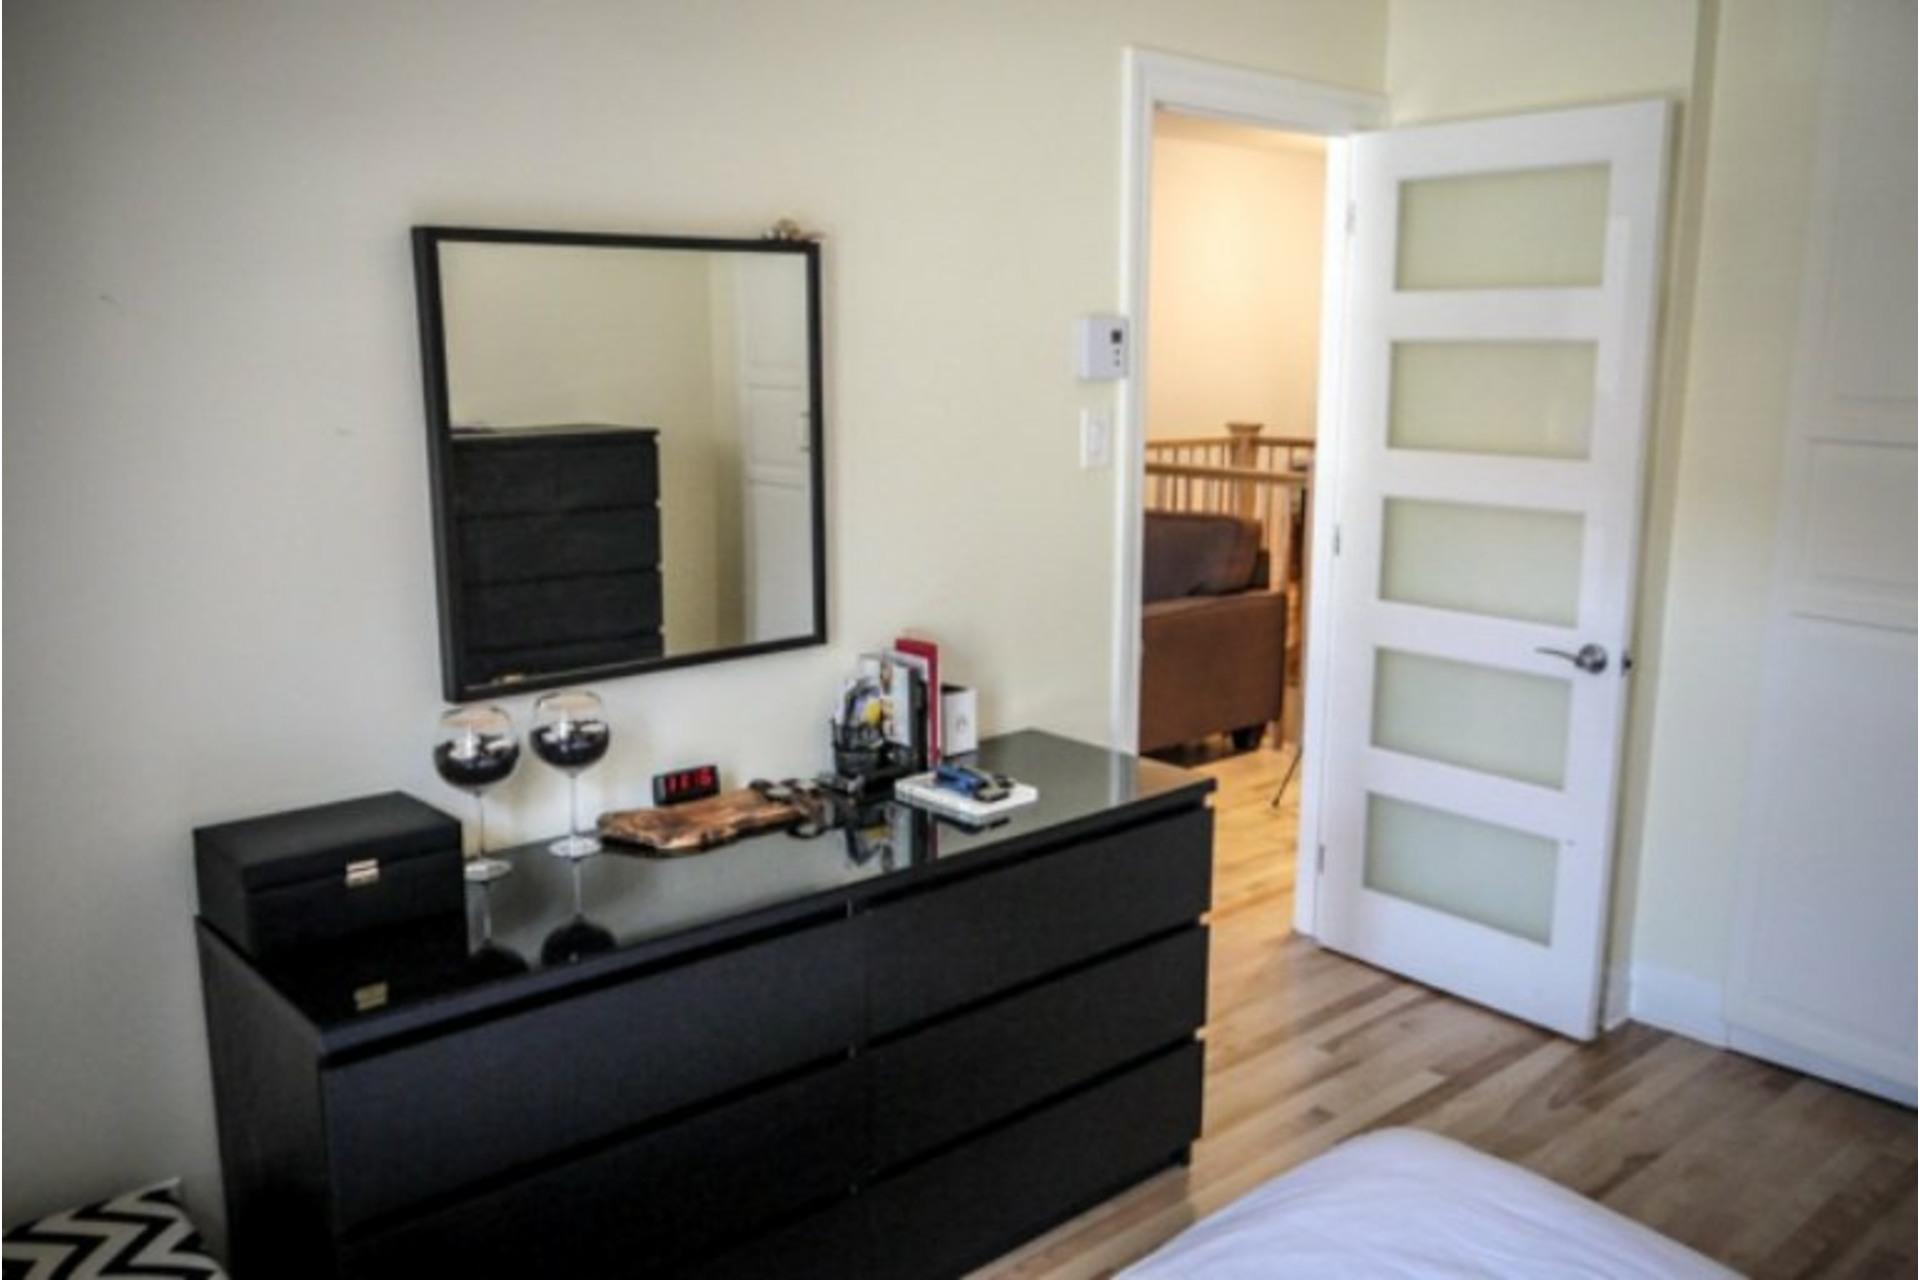 image 5 - Appartement À louer Côte-des-Neiges/Notre-Dame-de-Grâce Montréal  - 7 pièces